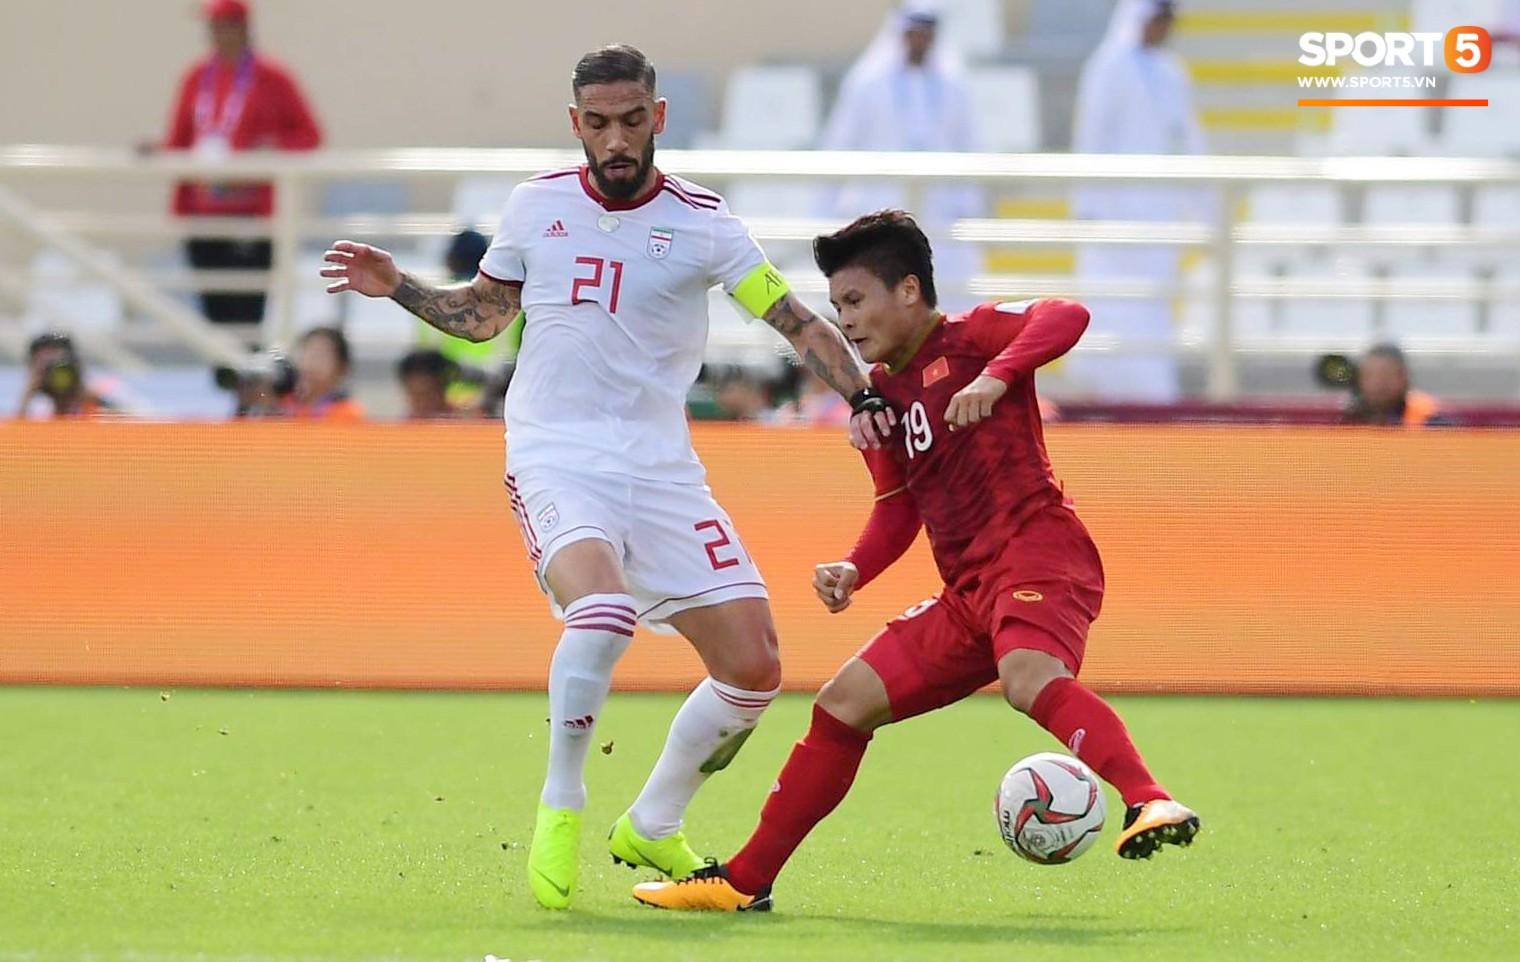 Quang Hải hét lớn, hô hào đồng đội đứng dậy sau bàn thua - Ảnh 1.